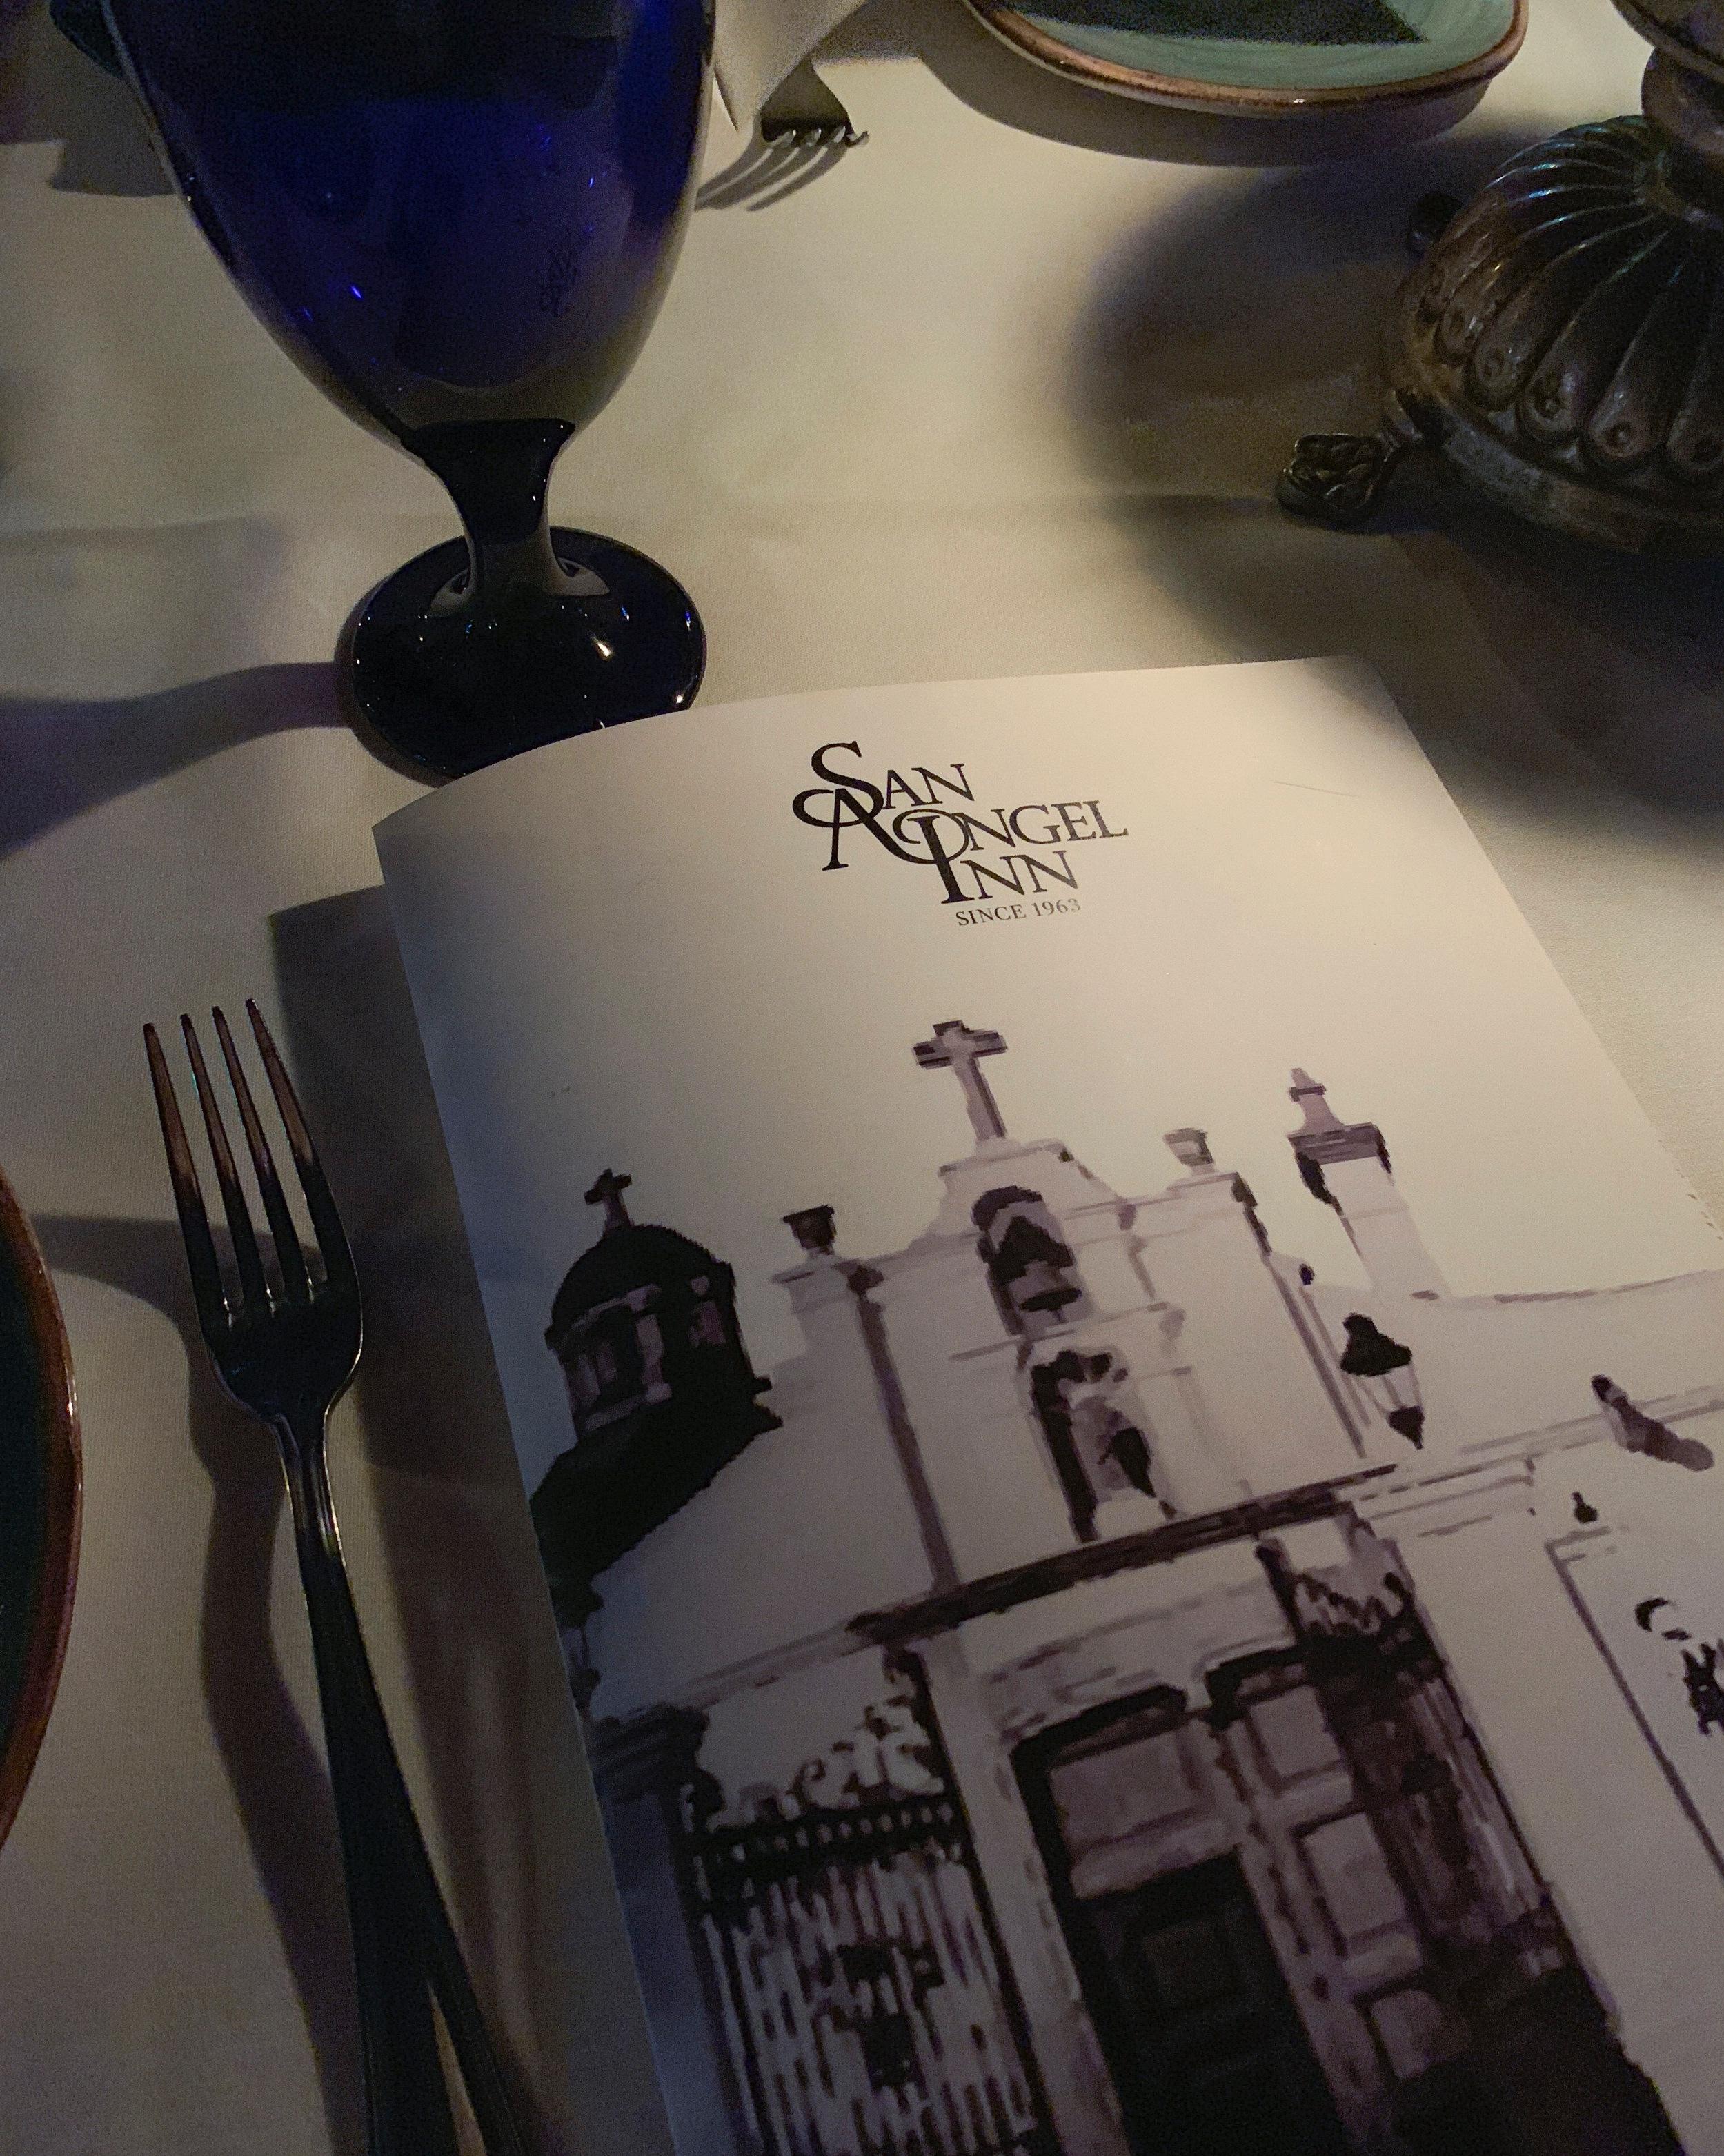 A menu illuminated by candle light.